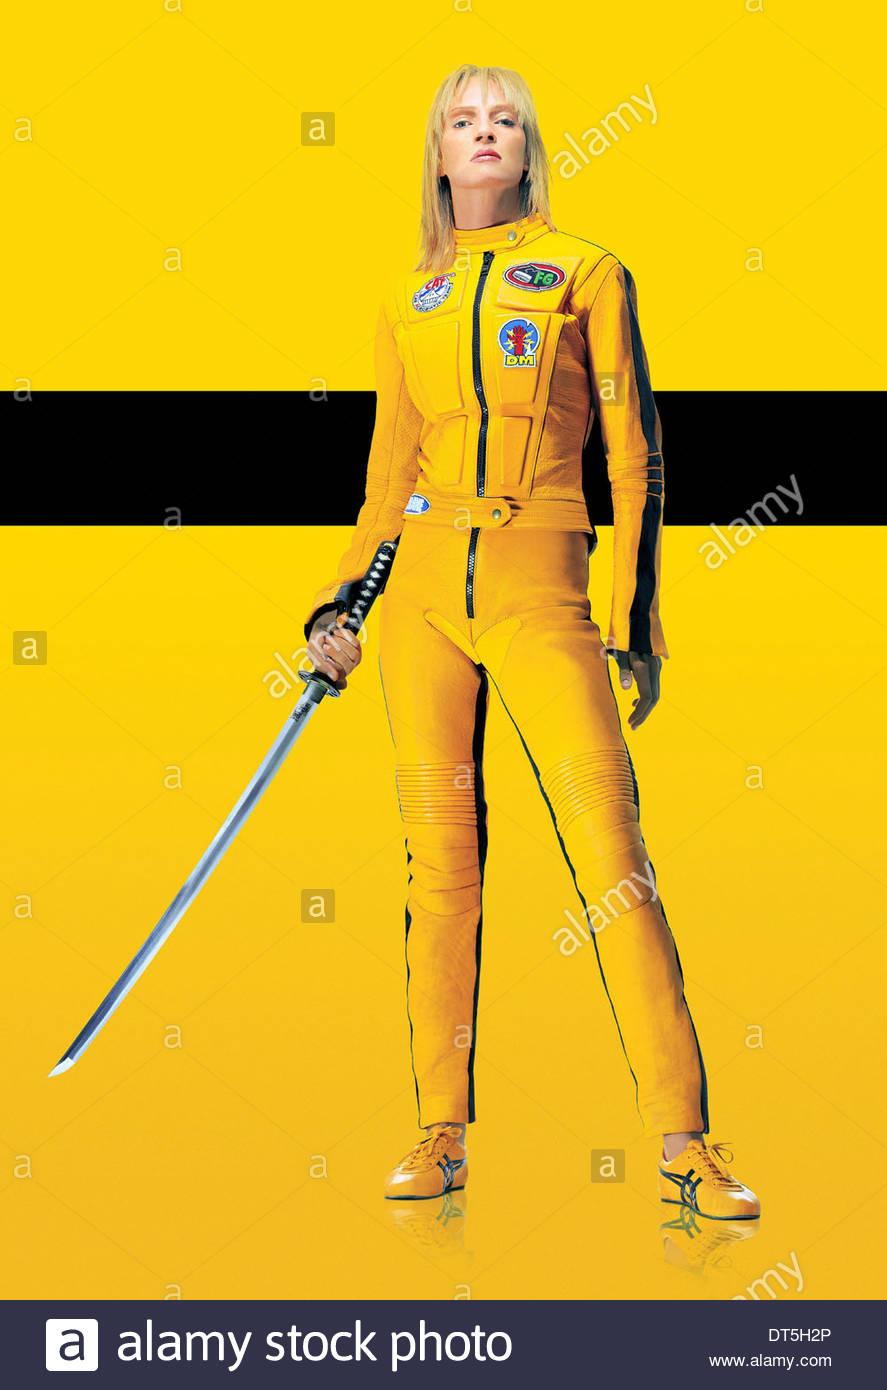 Uma Thurman Kill Bill Vol 1 2003 Stock Photo Alamy